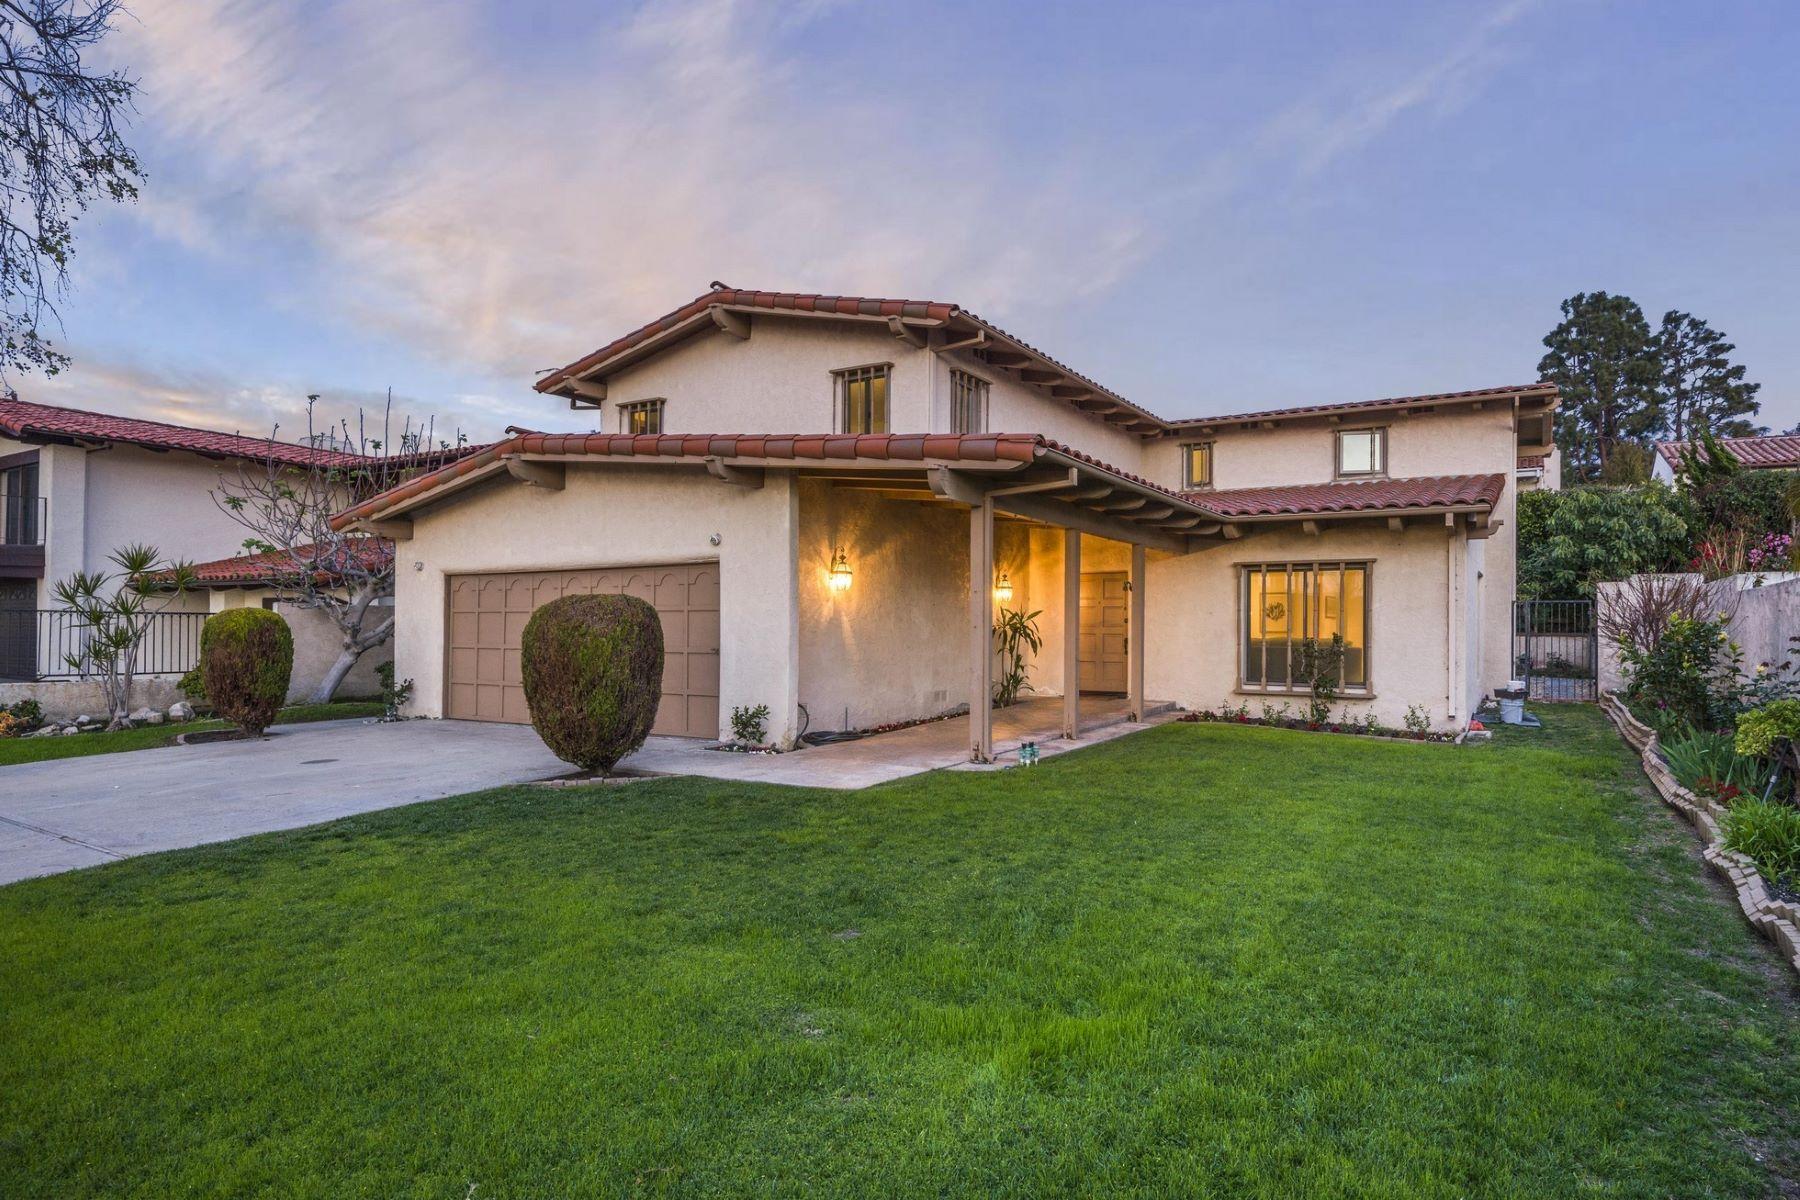 獨棟家庭住宅 為 出售 在 1728 Chelsea Road, Palos Verdes Estates Palos Verdes Peninsula, 加利福尼亞州, 90274 美國